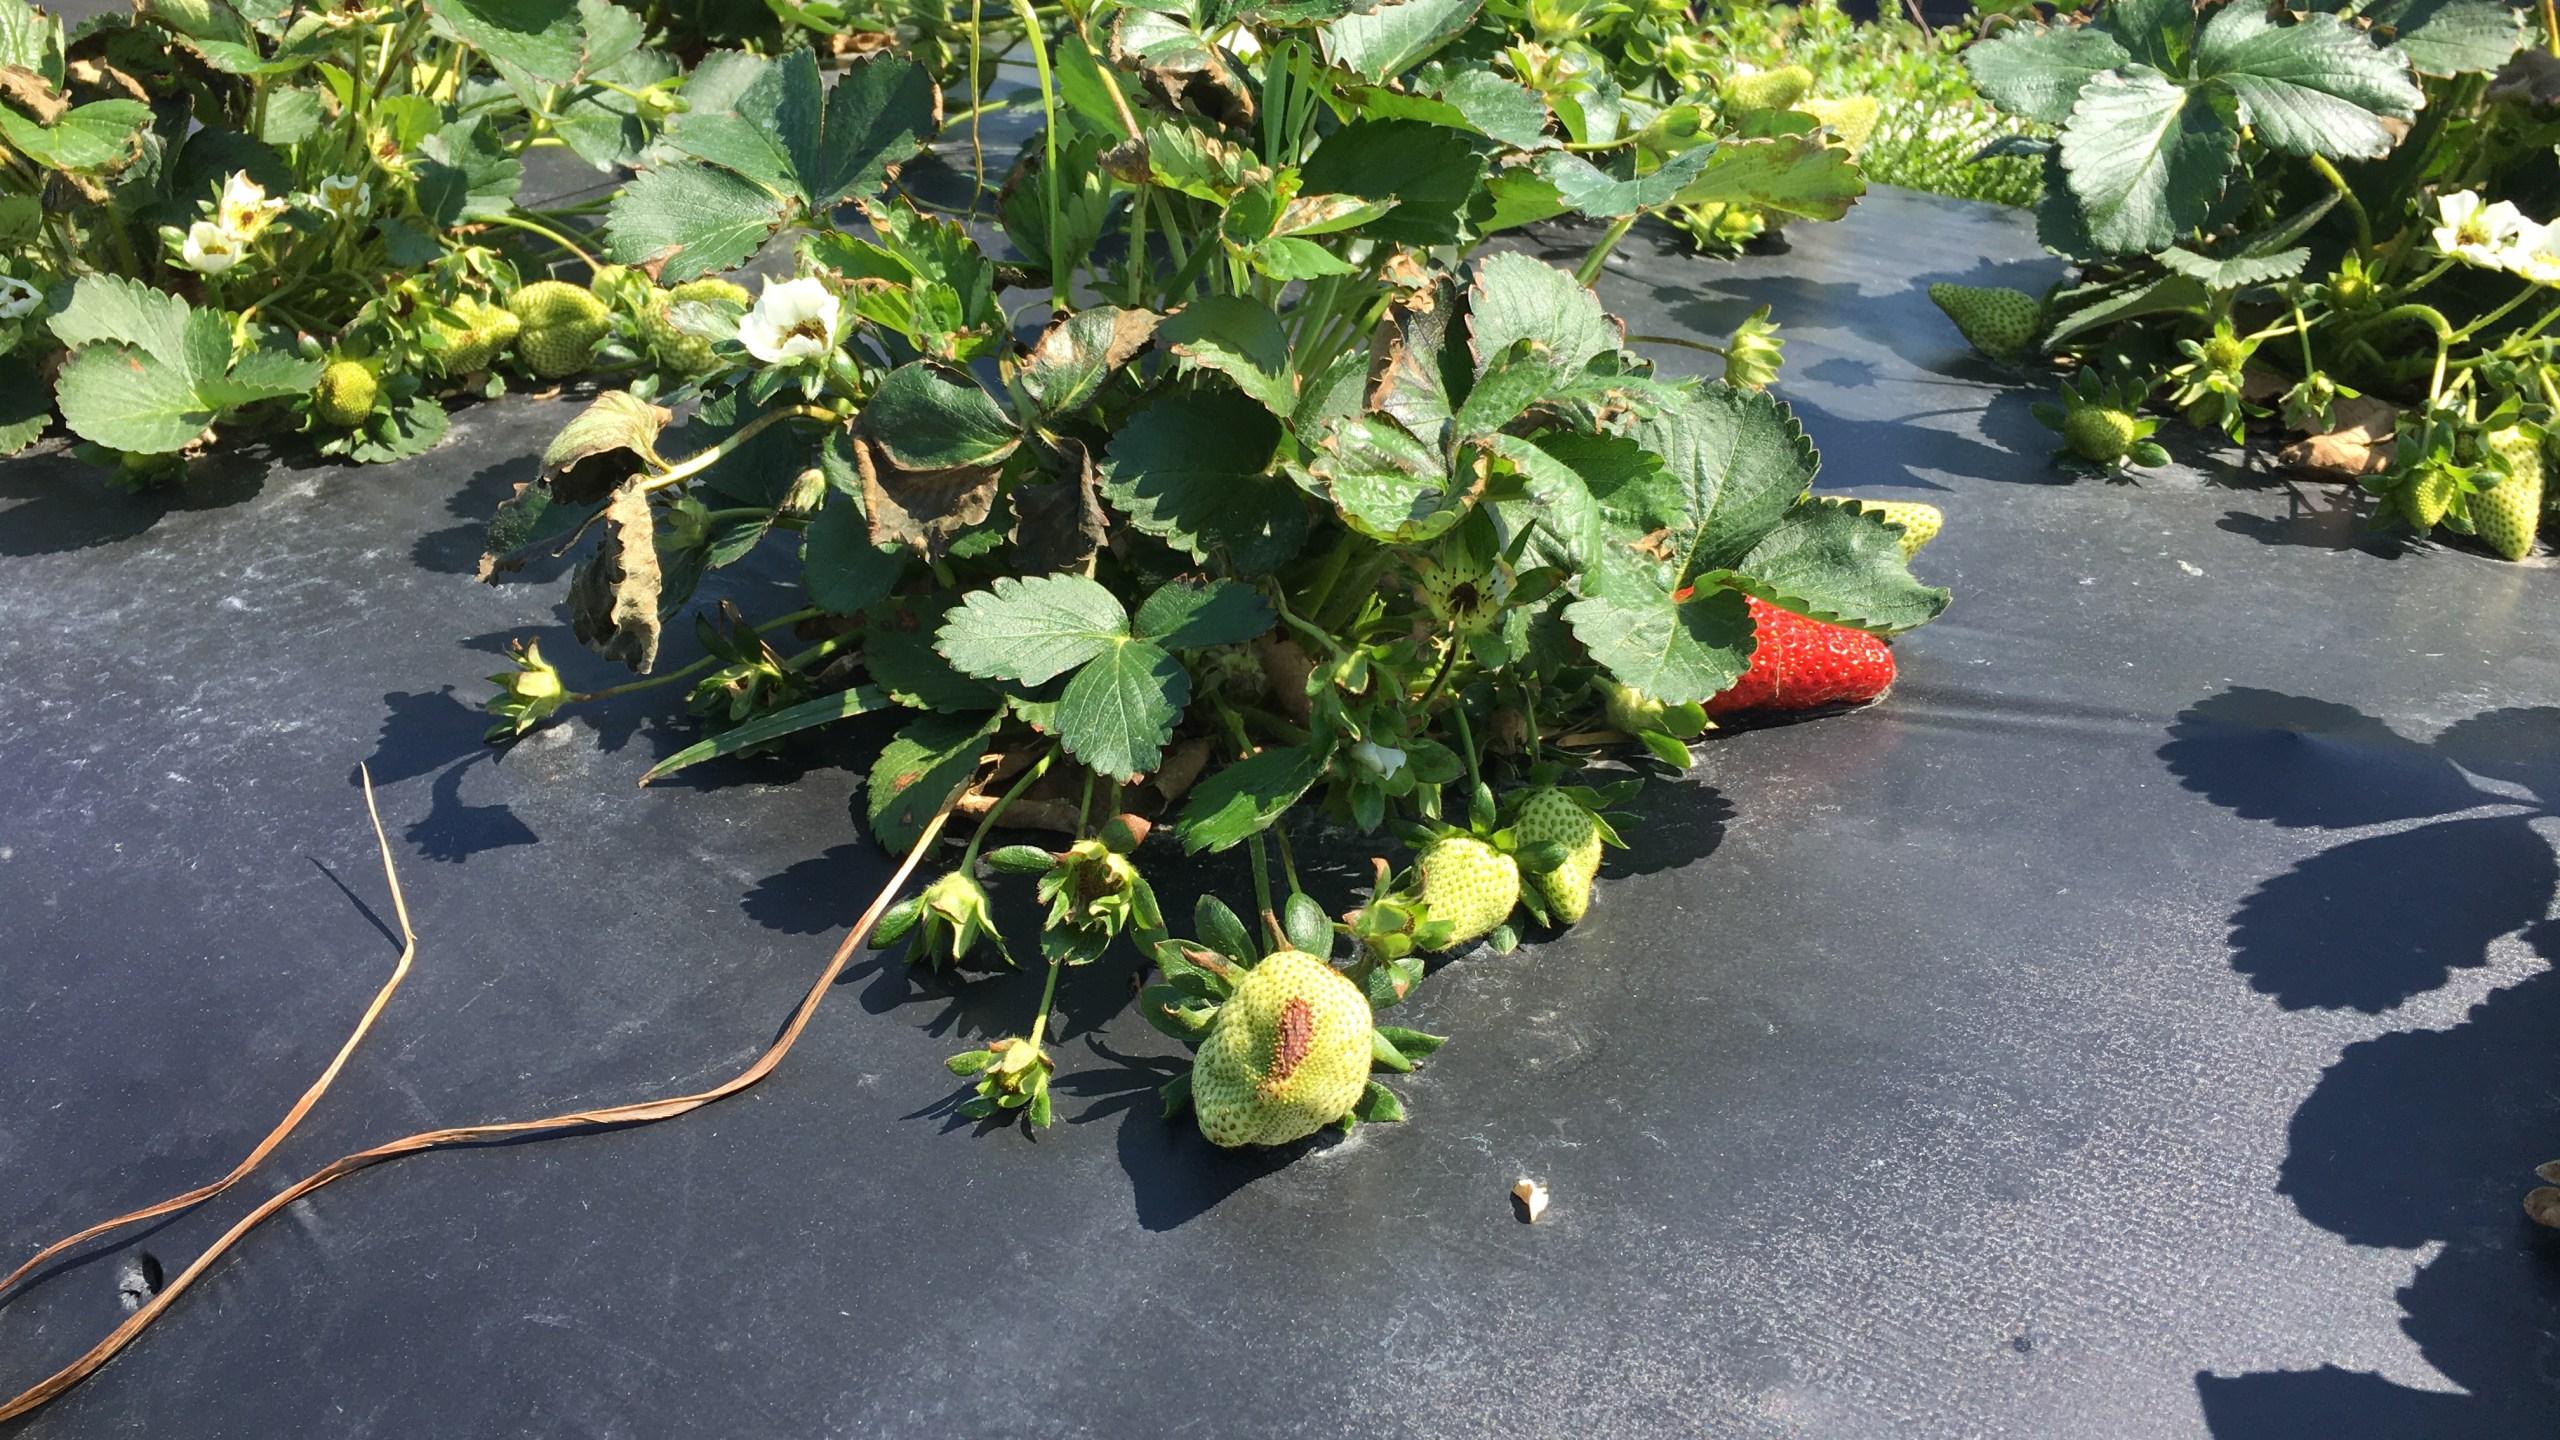 Strawberries_372715